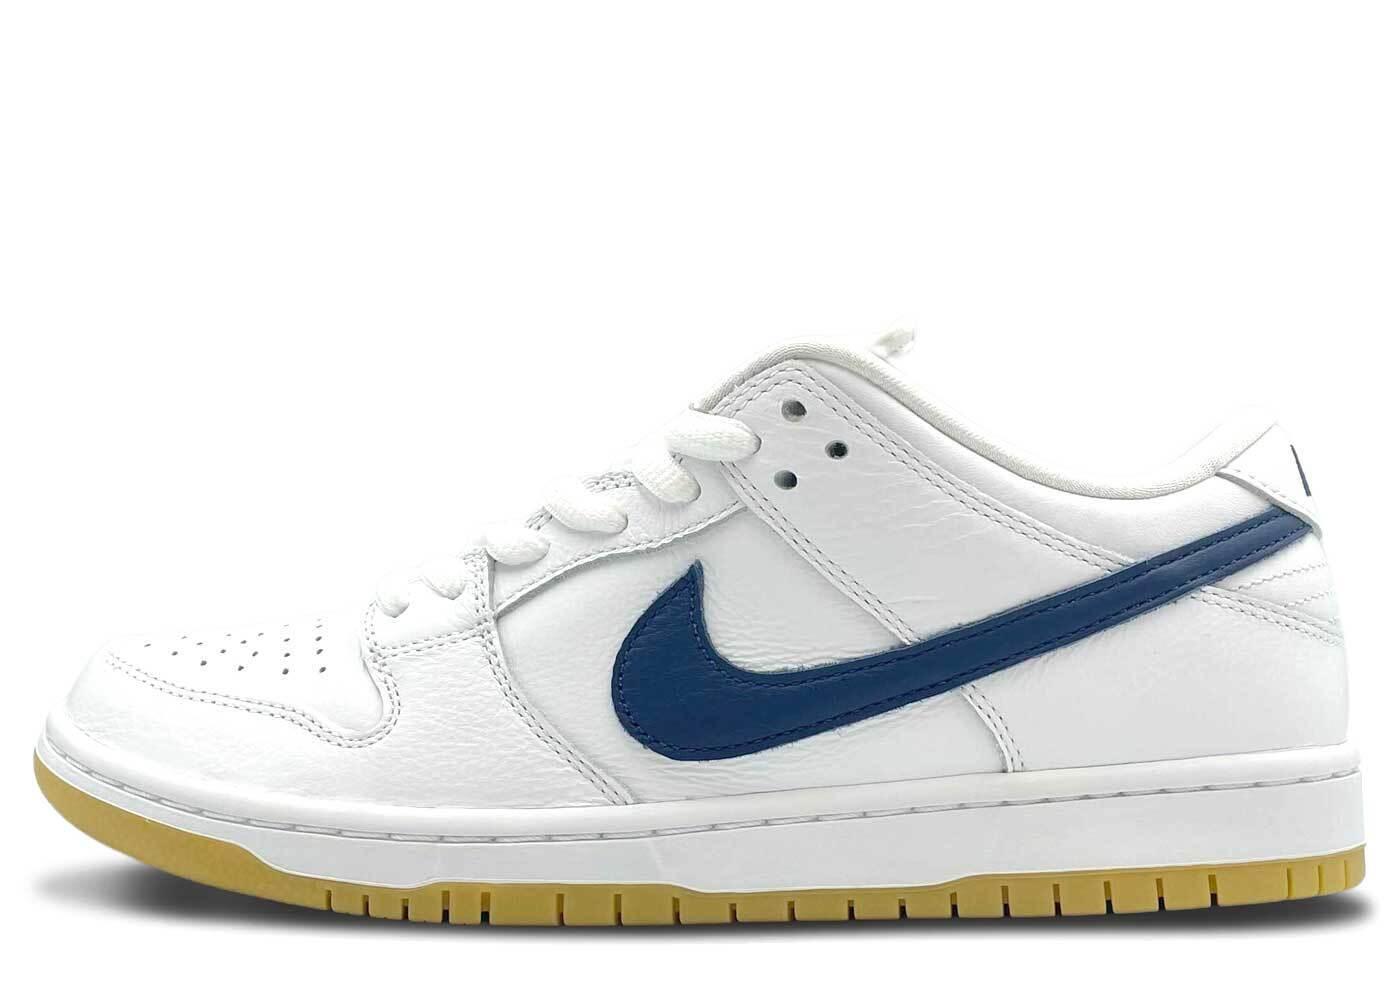 Nike SB Dunk Low Pro ISO White Navyの写真